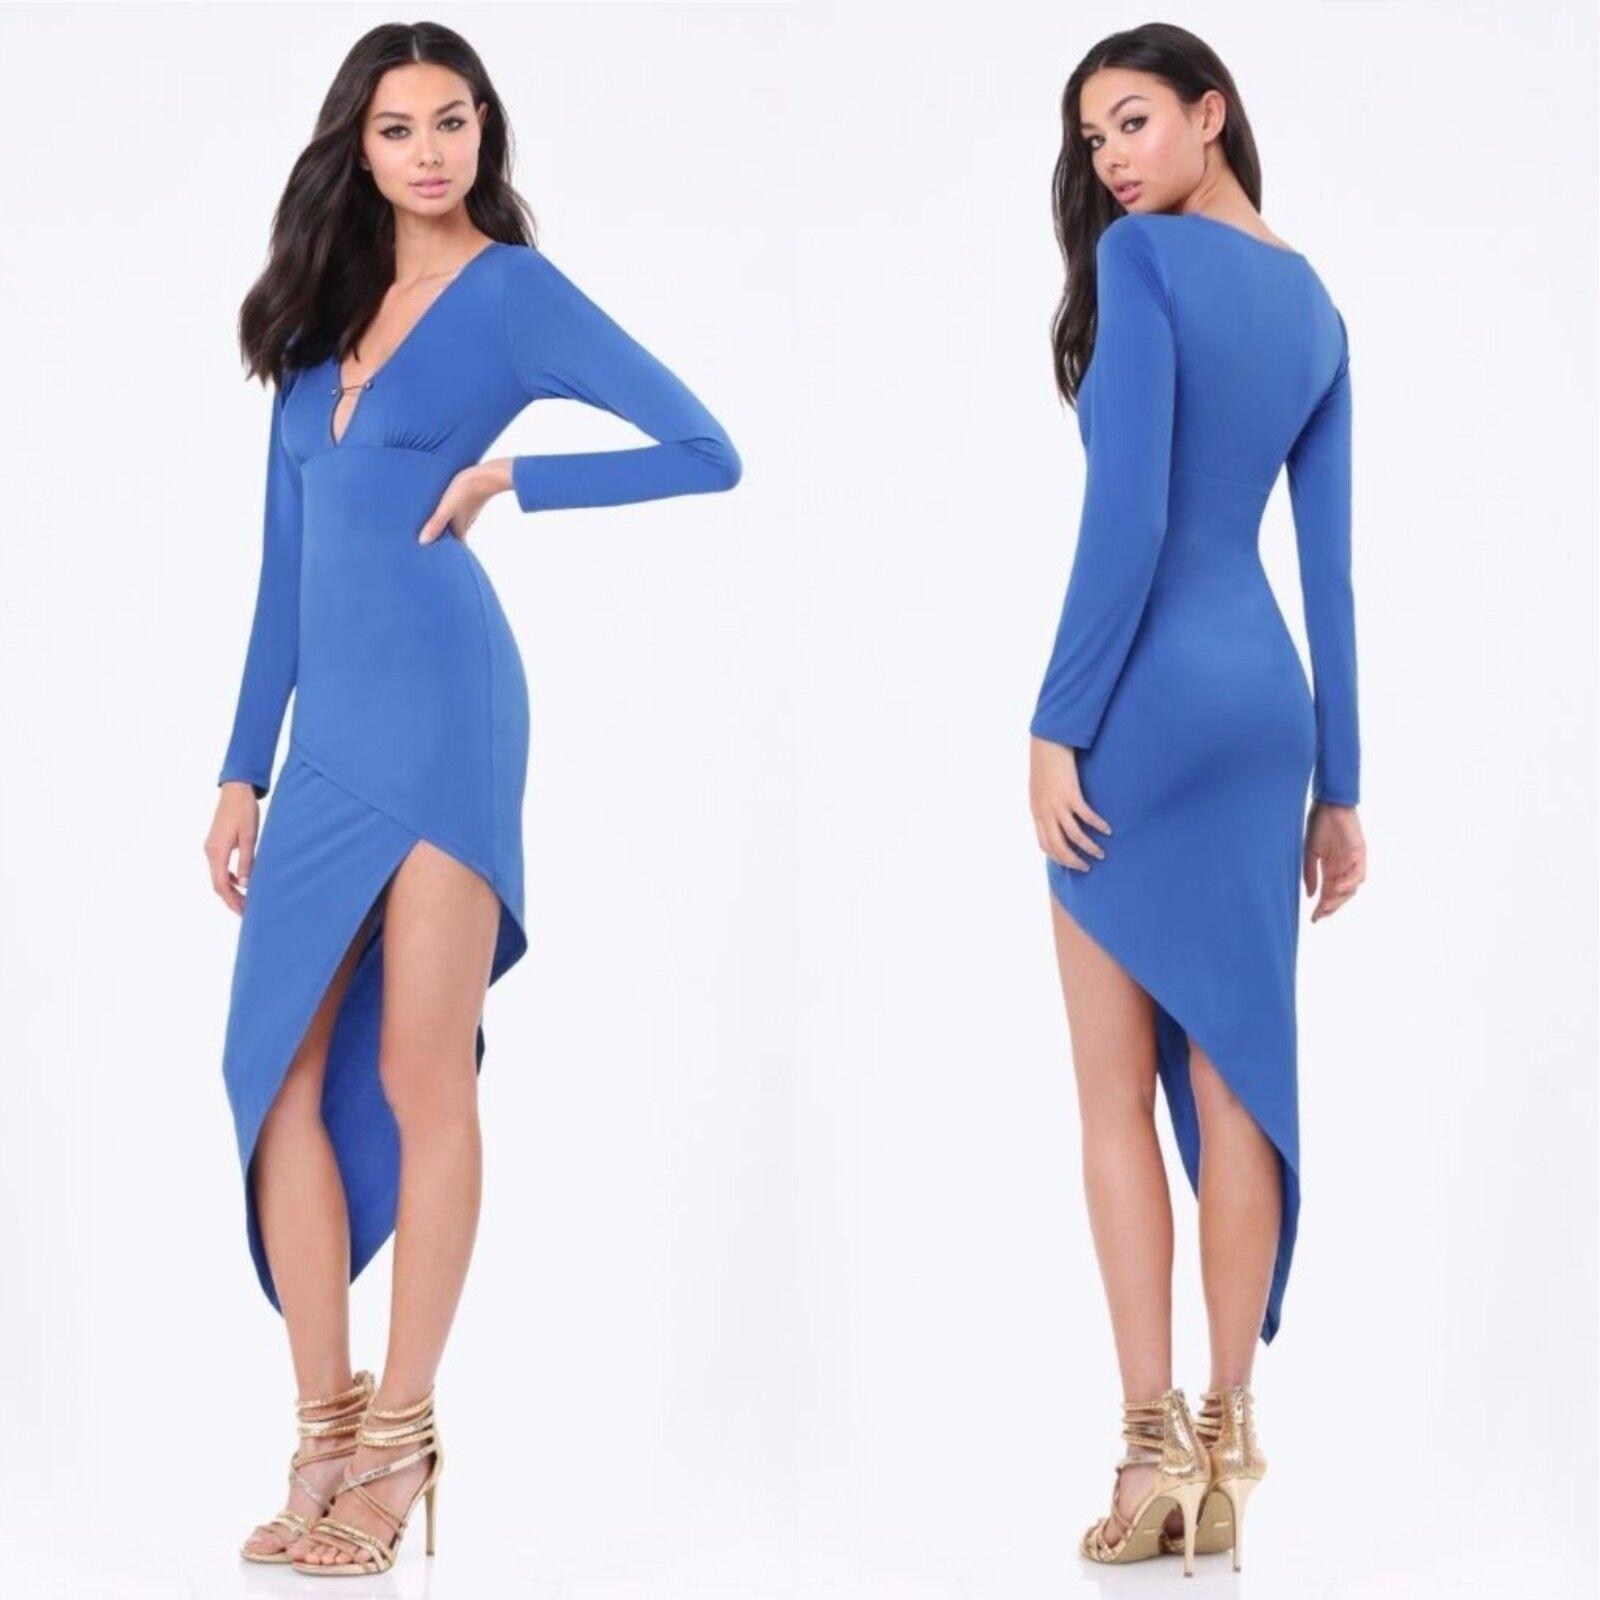 BEBE blueE BLAZE ASYMMETRIC DRESS NEW NWT  139 MEDIUM M